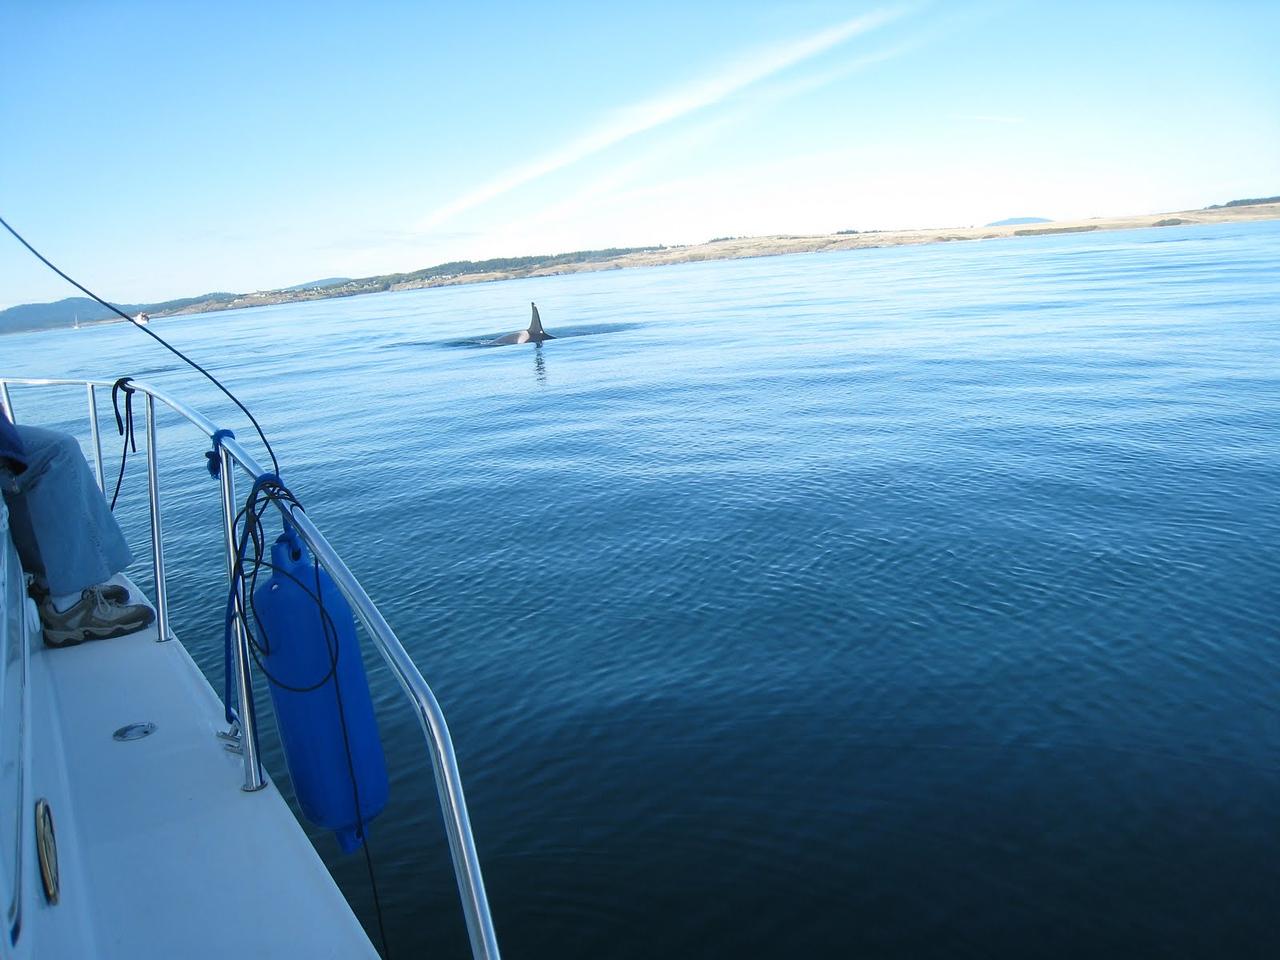 Pretty close to the boat!